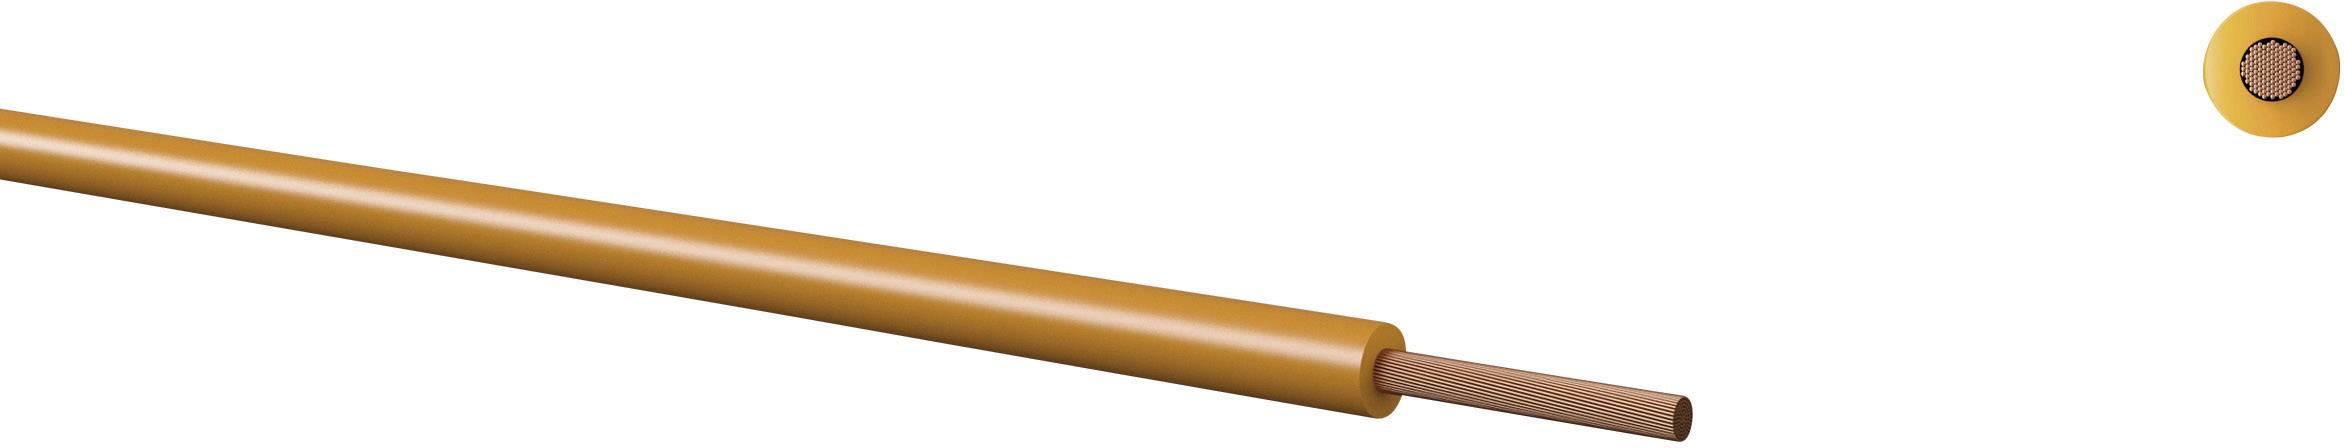 Opletenie / lanko Kabeltronik 160105011 LiFY, 1 x 0.50 mm², vonkajší Ø 2 mm, metrový tovar, oranžová